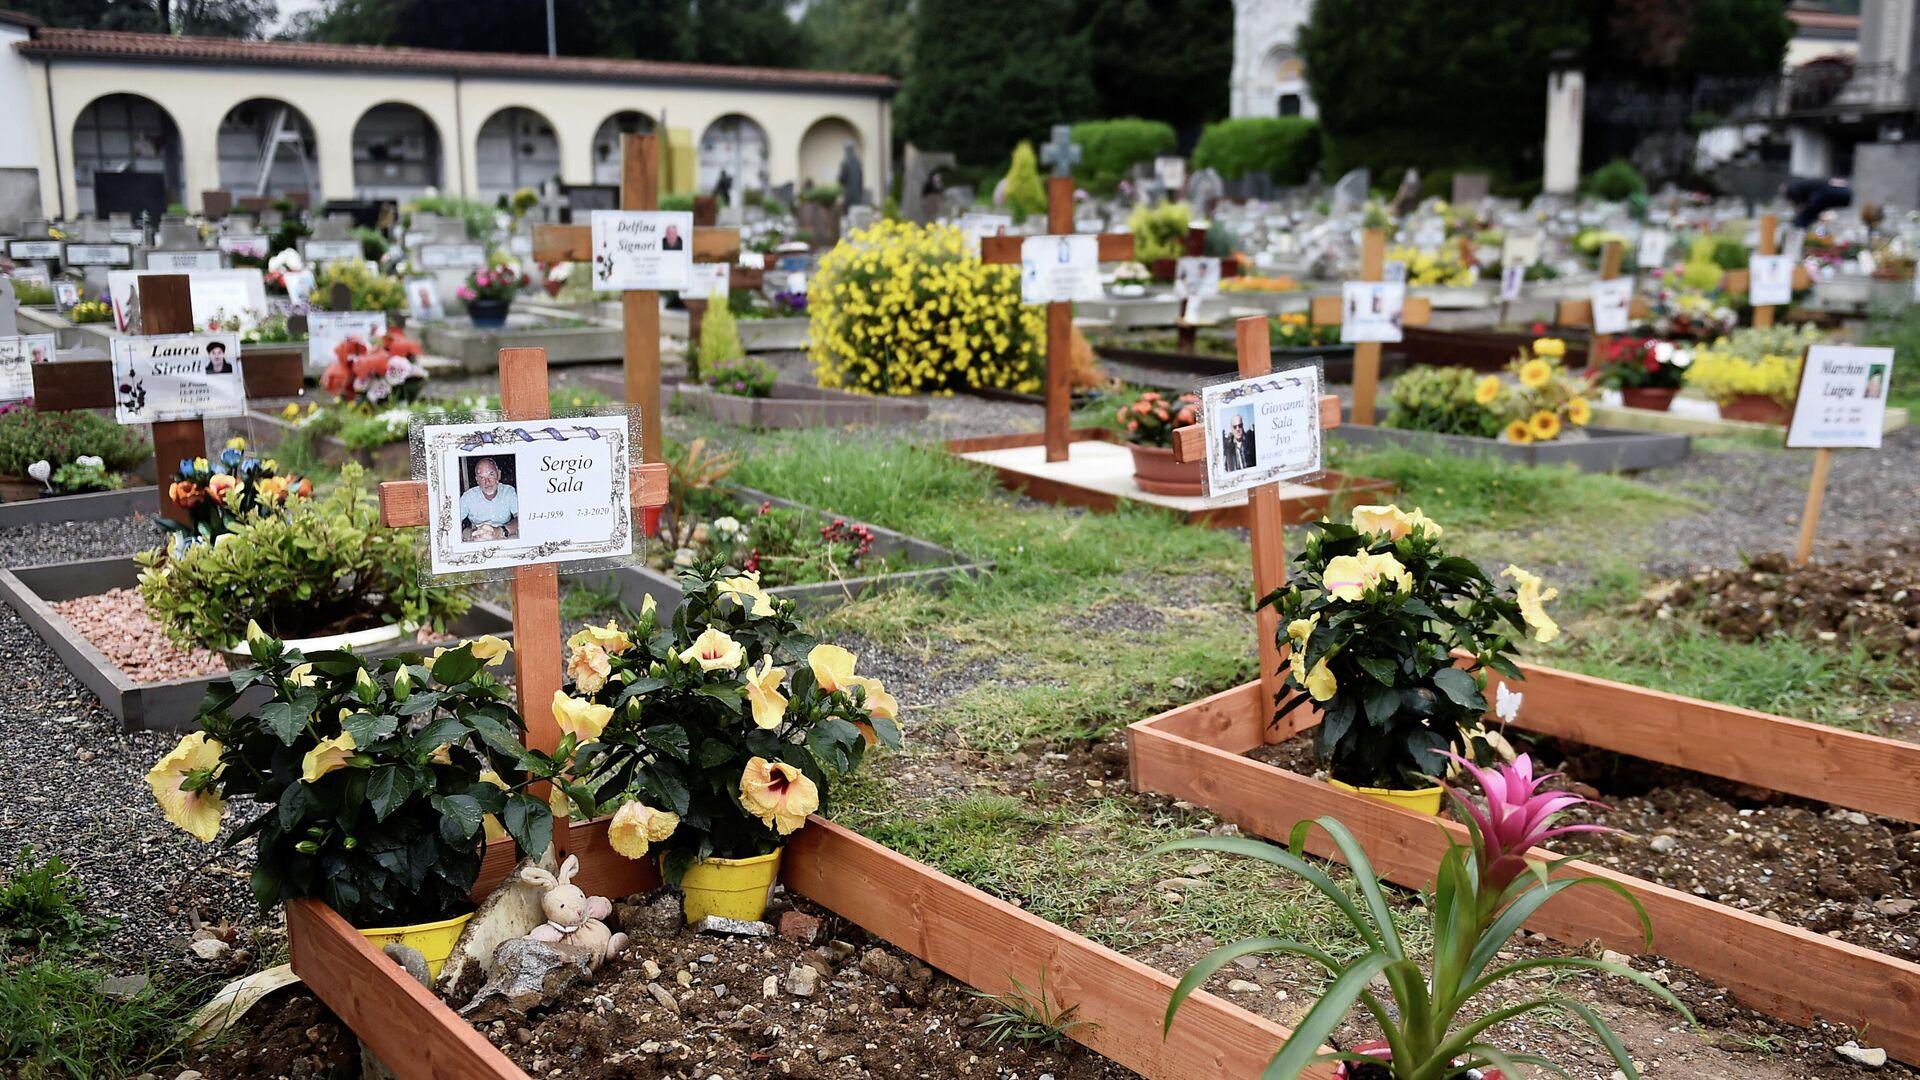 Tumbas de las víctimas del coronavirus en Italia en mayo 2020 - Sputnik Mundo, 1920, 18.03.2021